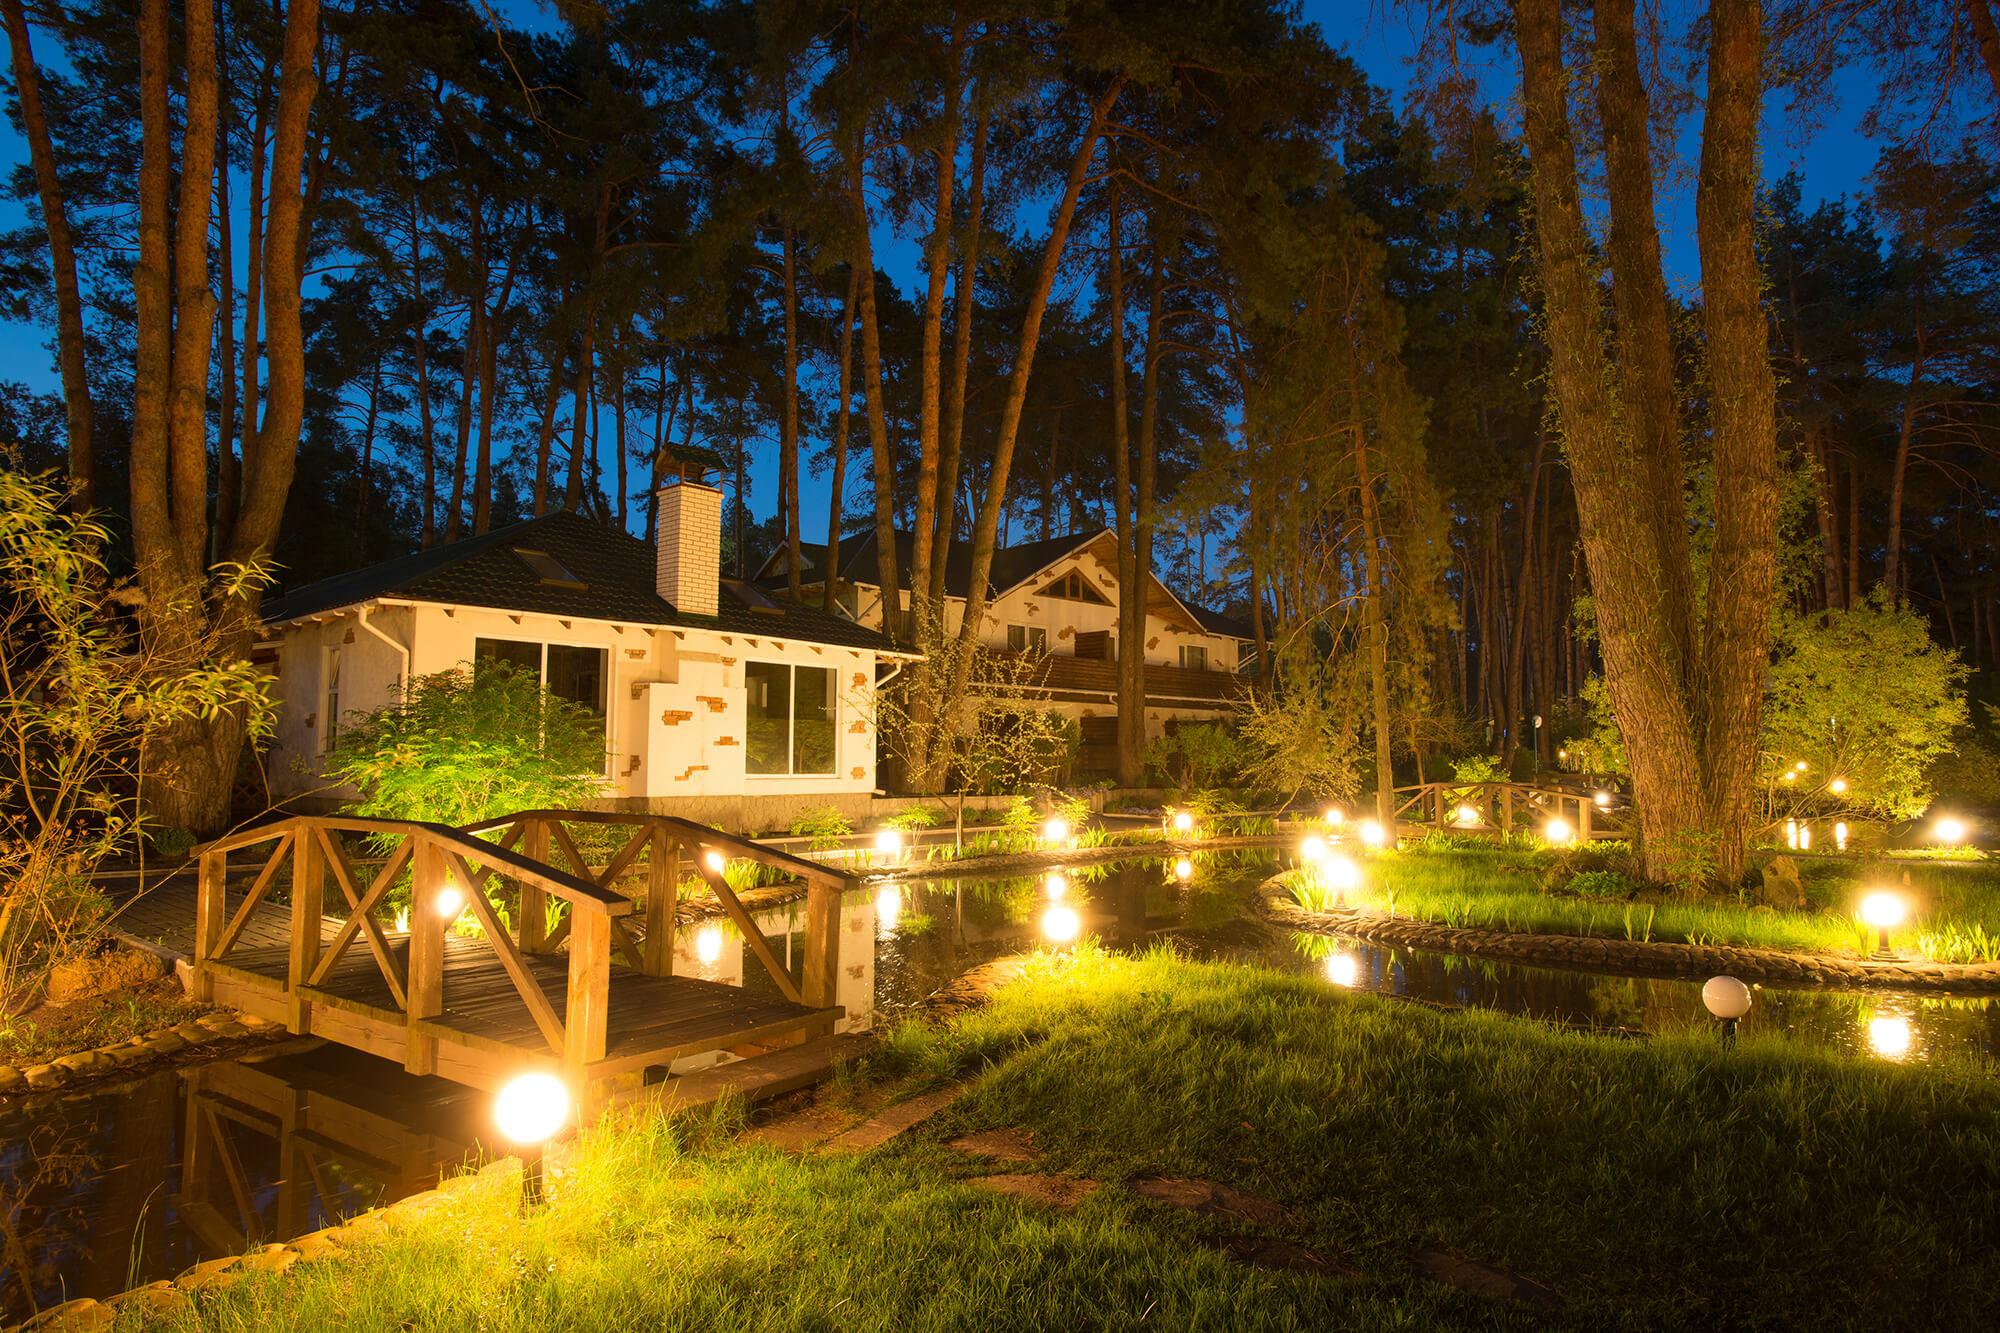 Artistic-Outdoor-Landscapes-Lighting-Installation.jpg